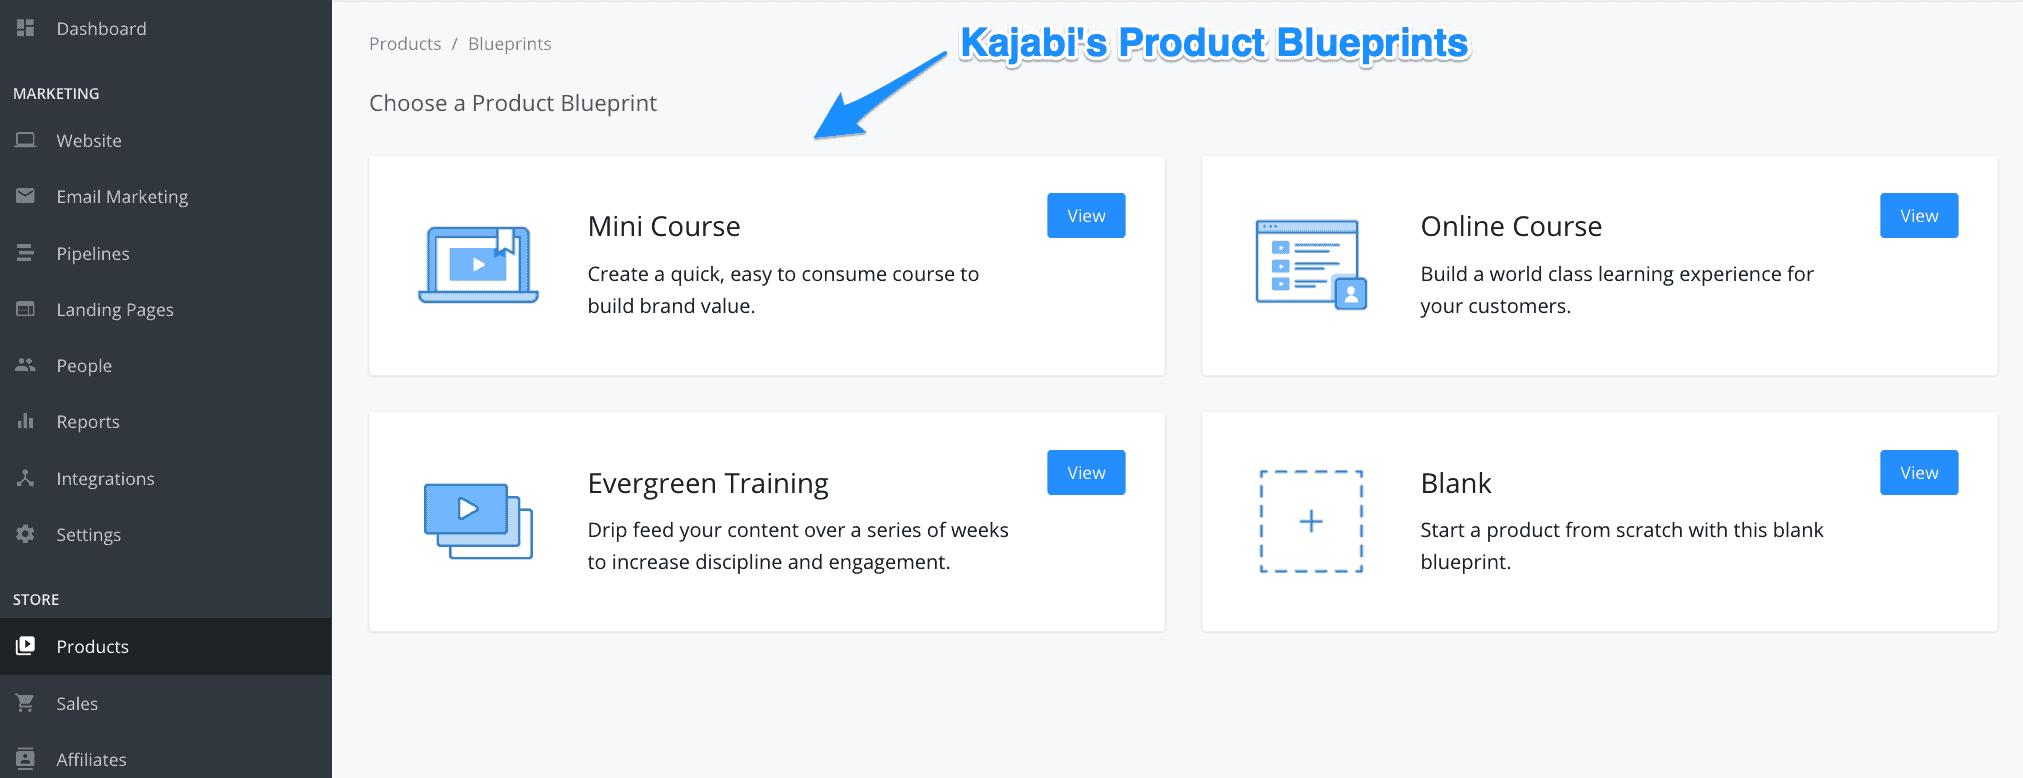 Product blueprints